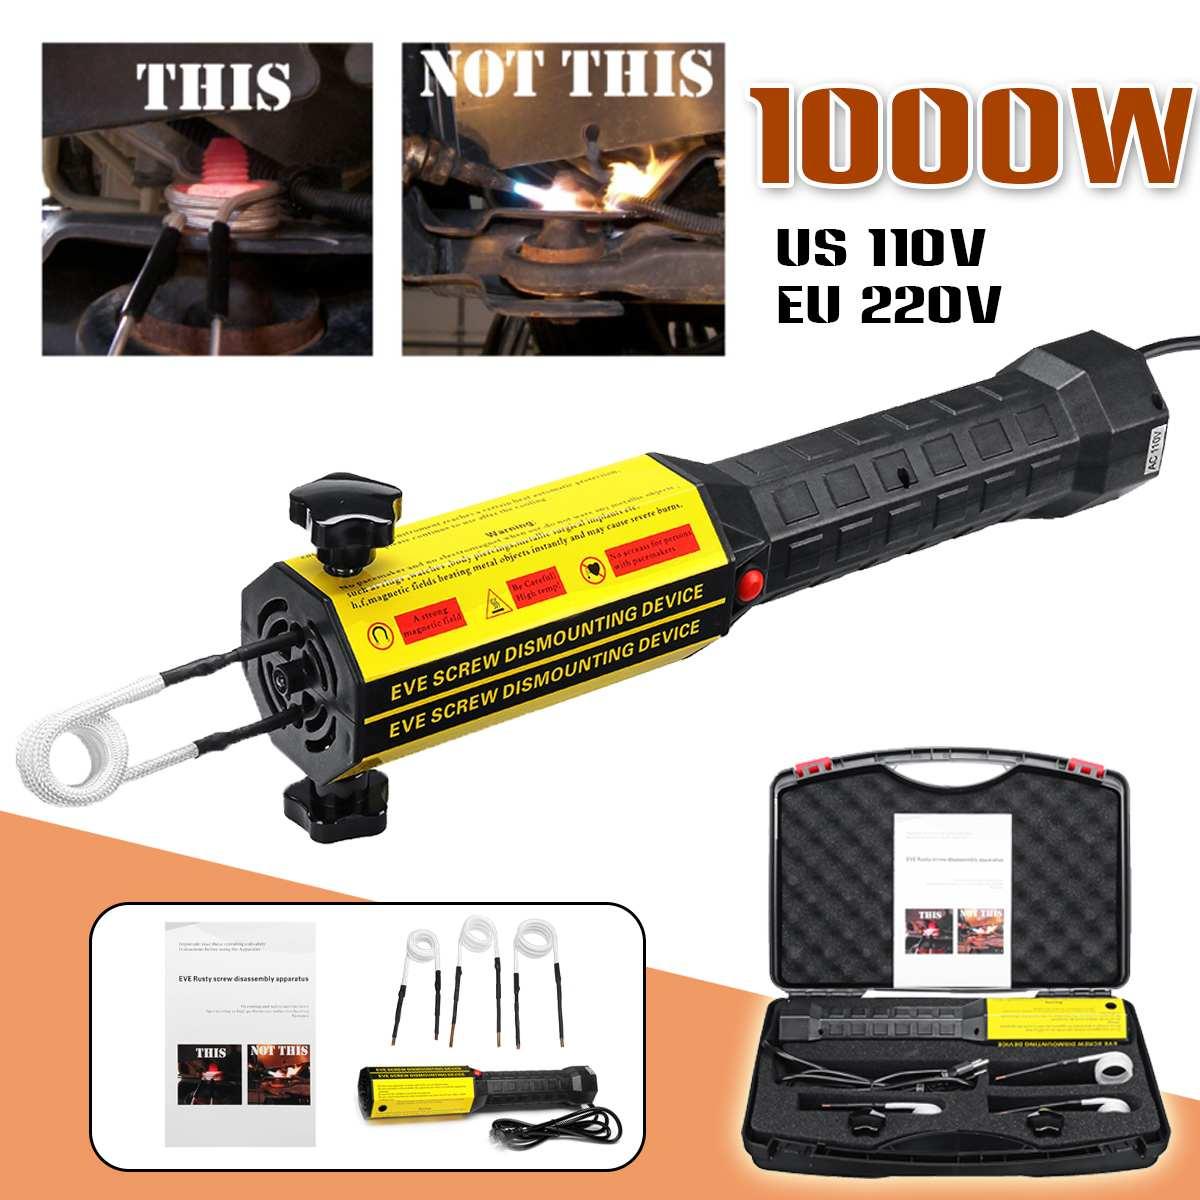 Magnetic Induction Heater Disassembler Screw Tool Bolt Heat 220V/110V Induction Heater Kit Heating Bolt Remover Car Repair Tool